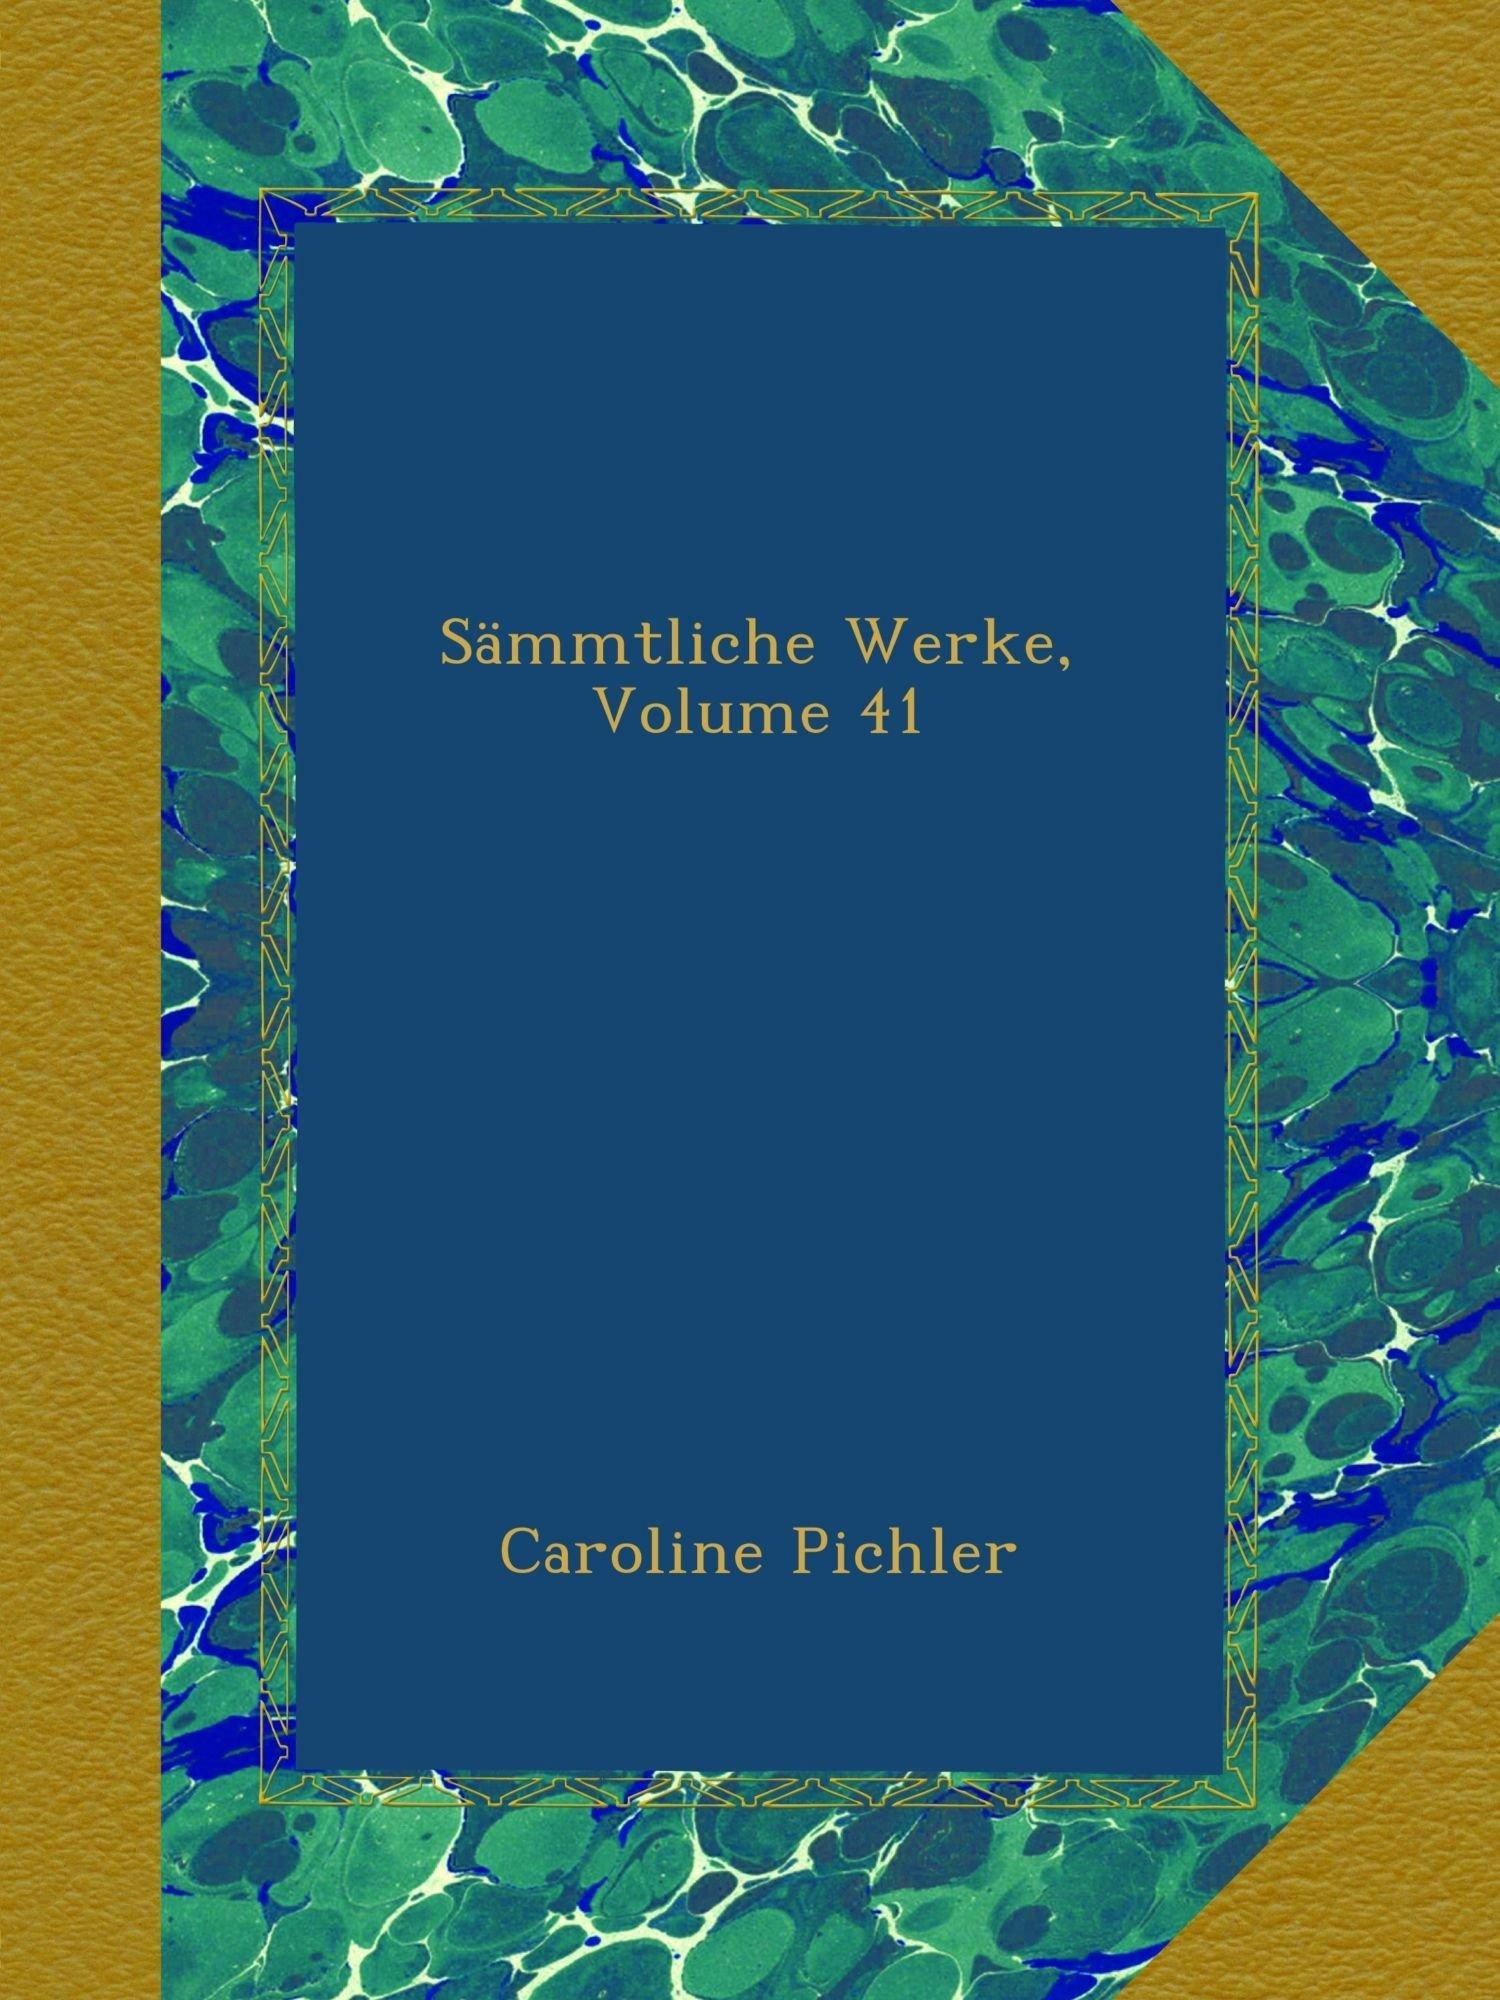 Sämmtliche Werke, Volume 41 (German Edition) ebook